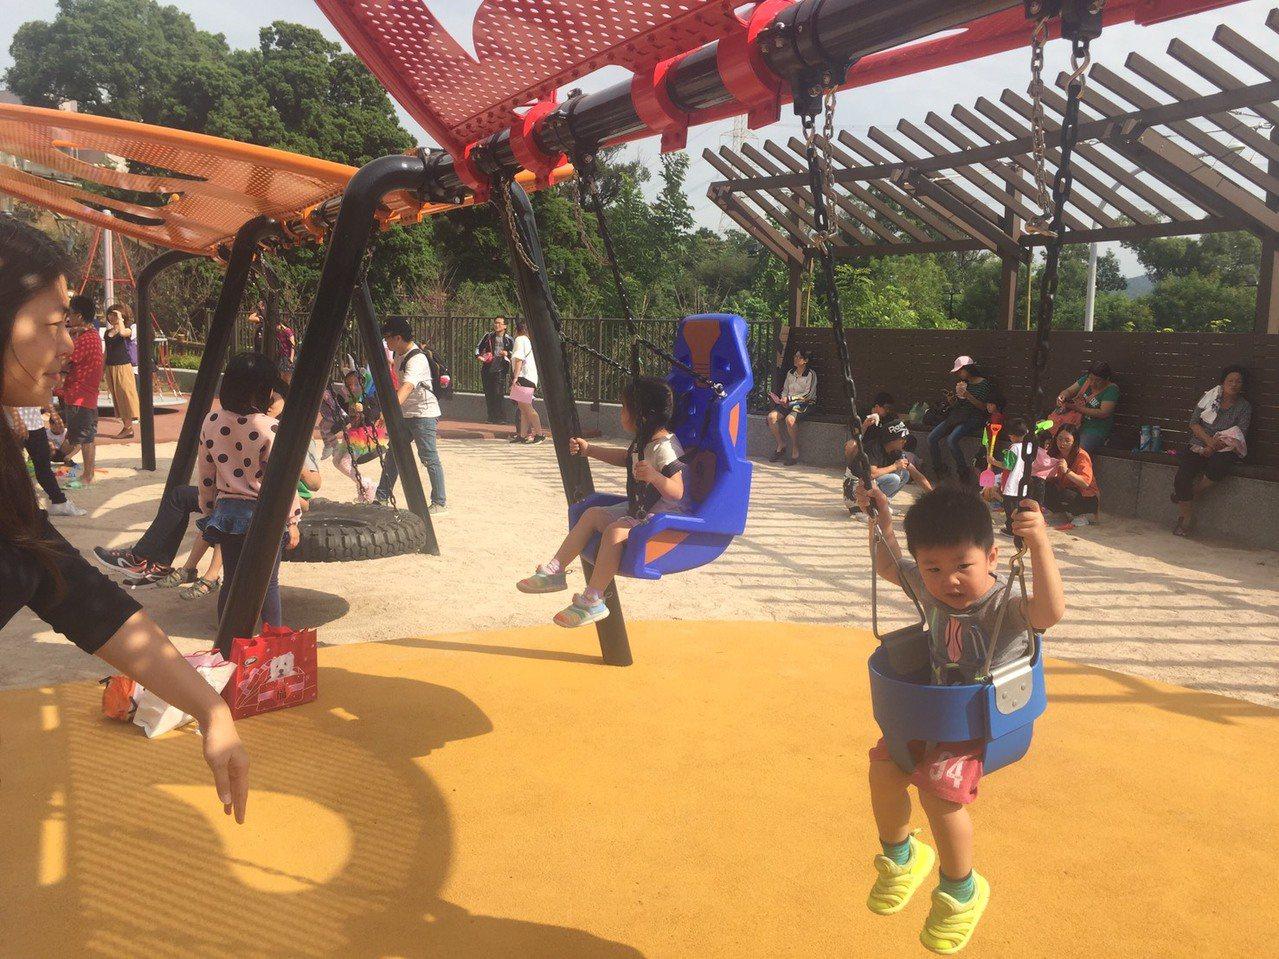 永吉公園第三期以「花朵樂園」為主題,打造花朵造型的木平台、錐形攀爬網、蝴蝶鞦韆及...